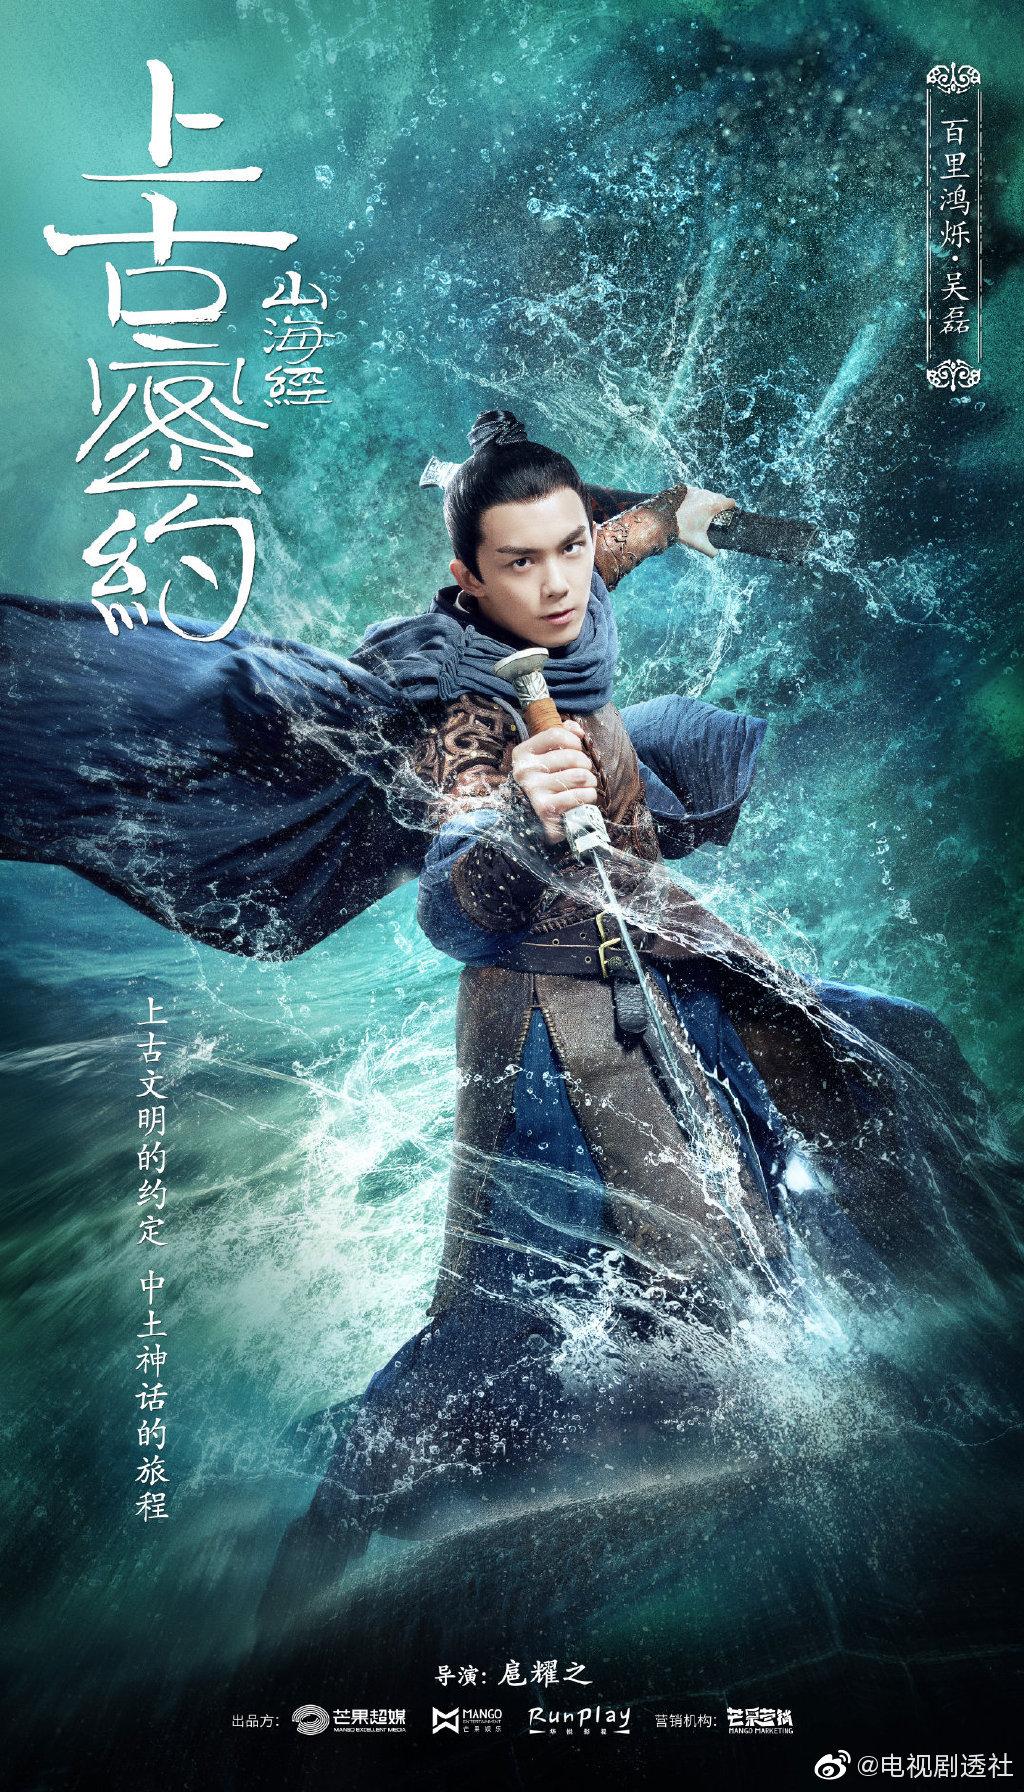 由吴磊,宋祖儿,王俊凯,郭俊辰等主演的电视剧 首发海报